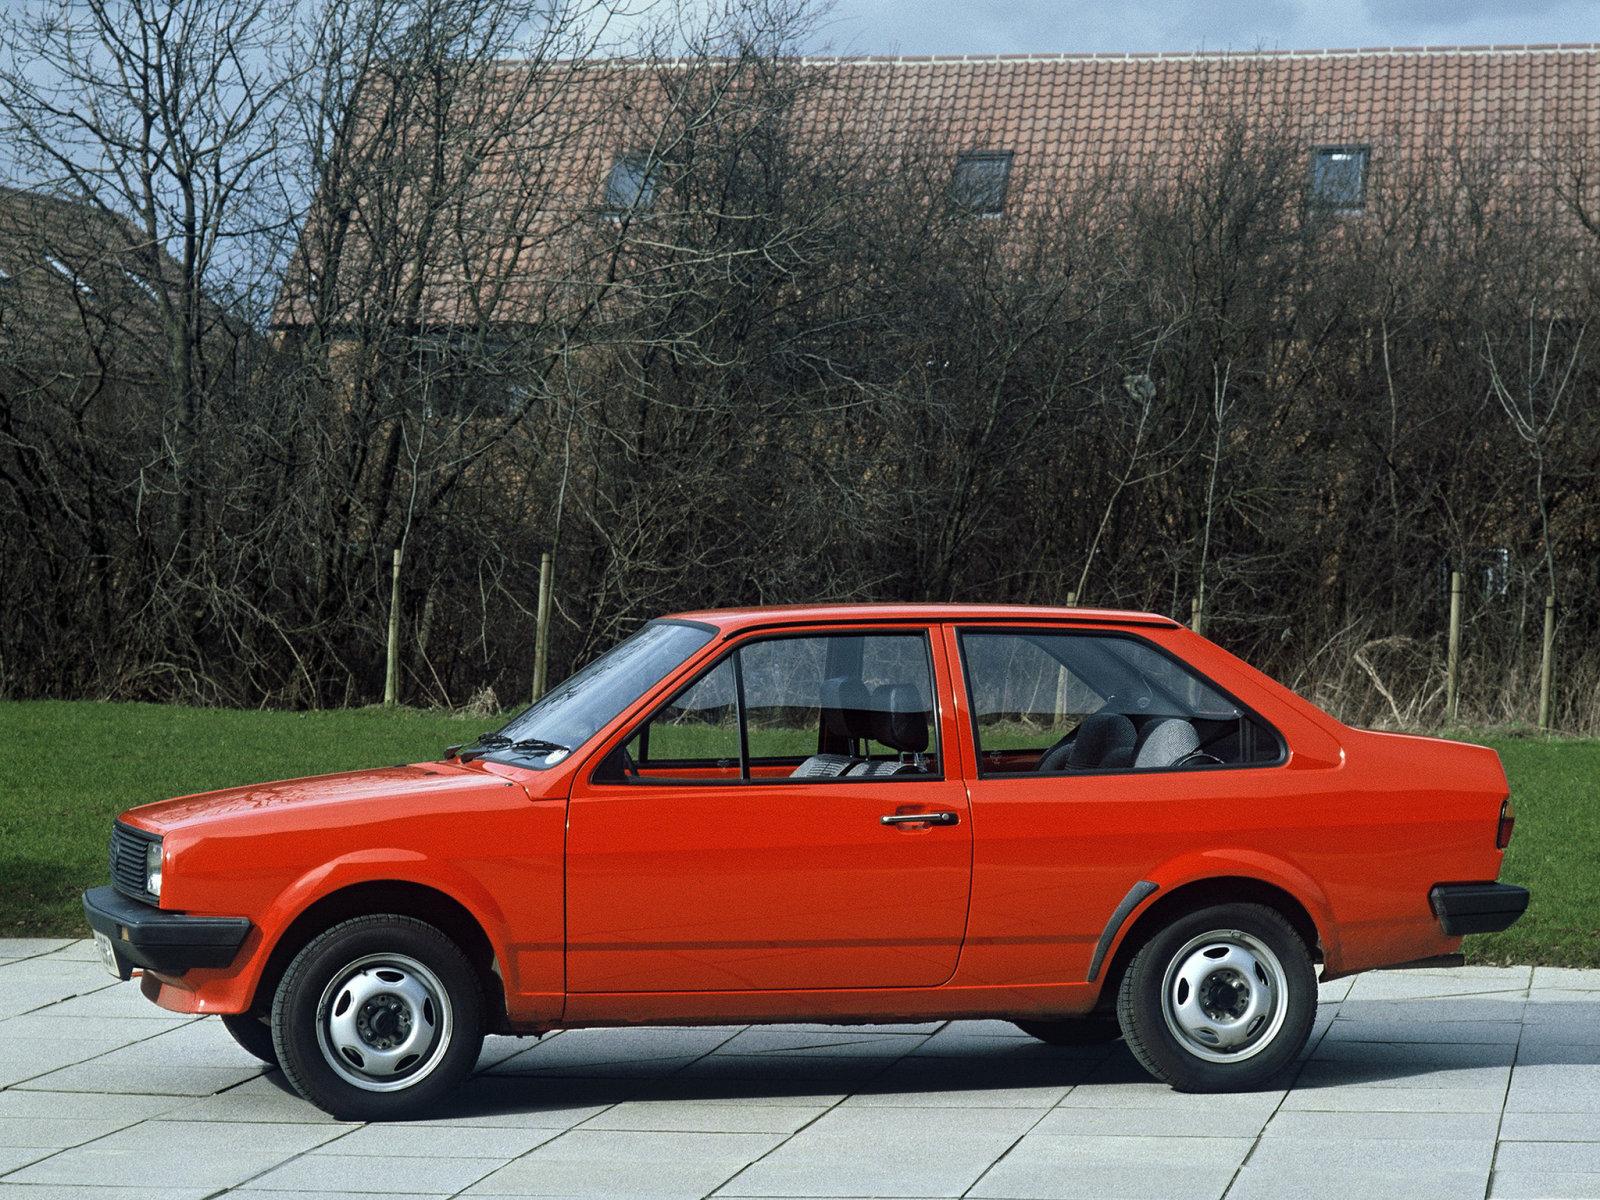 Volkswagen derby i gls